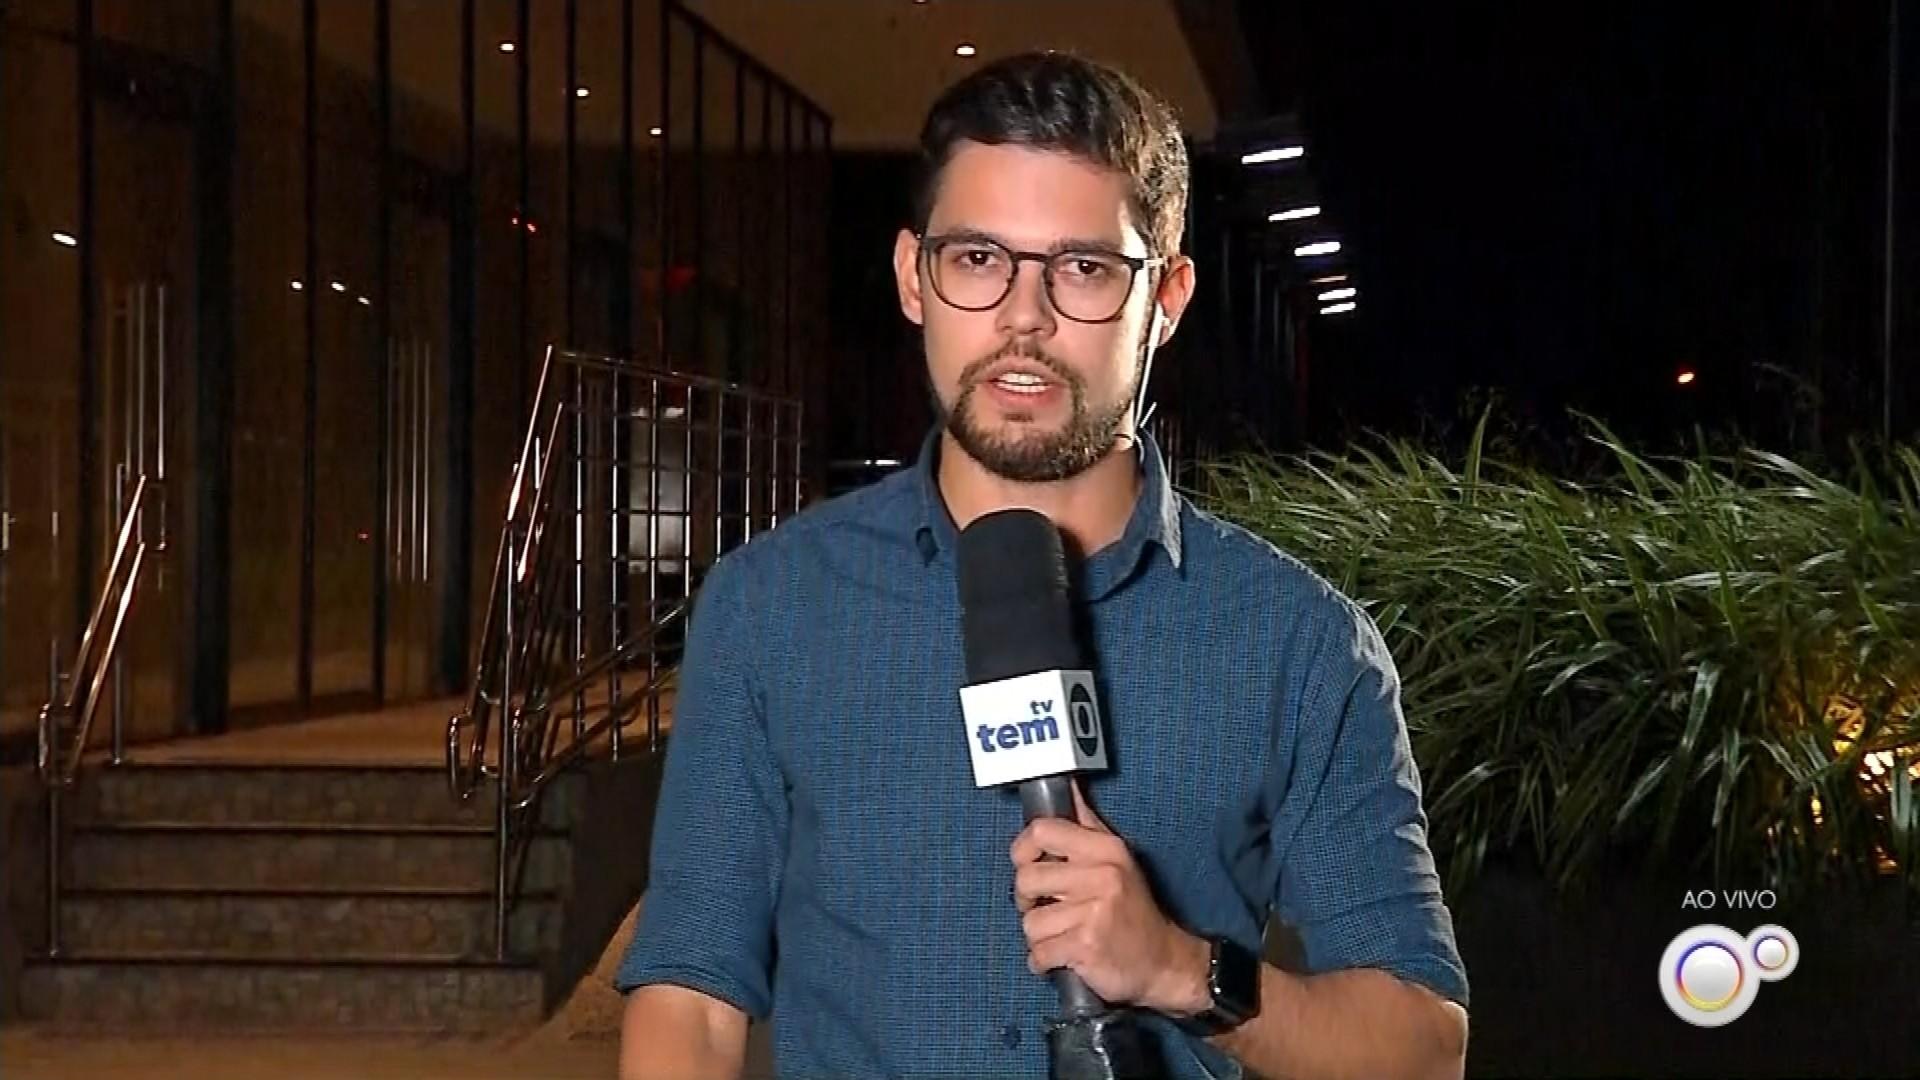 VÍDEOS: TEM Notícias 2ª edição de Rio Preto e Araçatuba desta segunda-feira, 30 de março